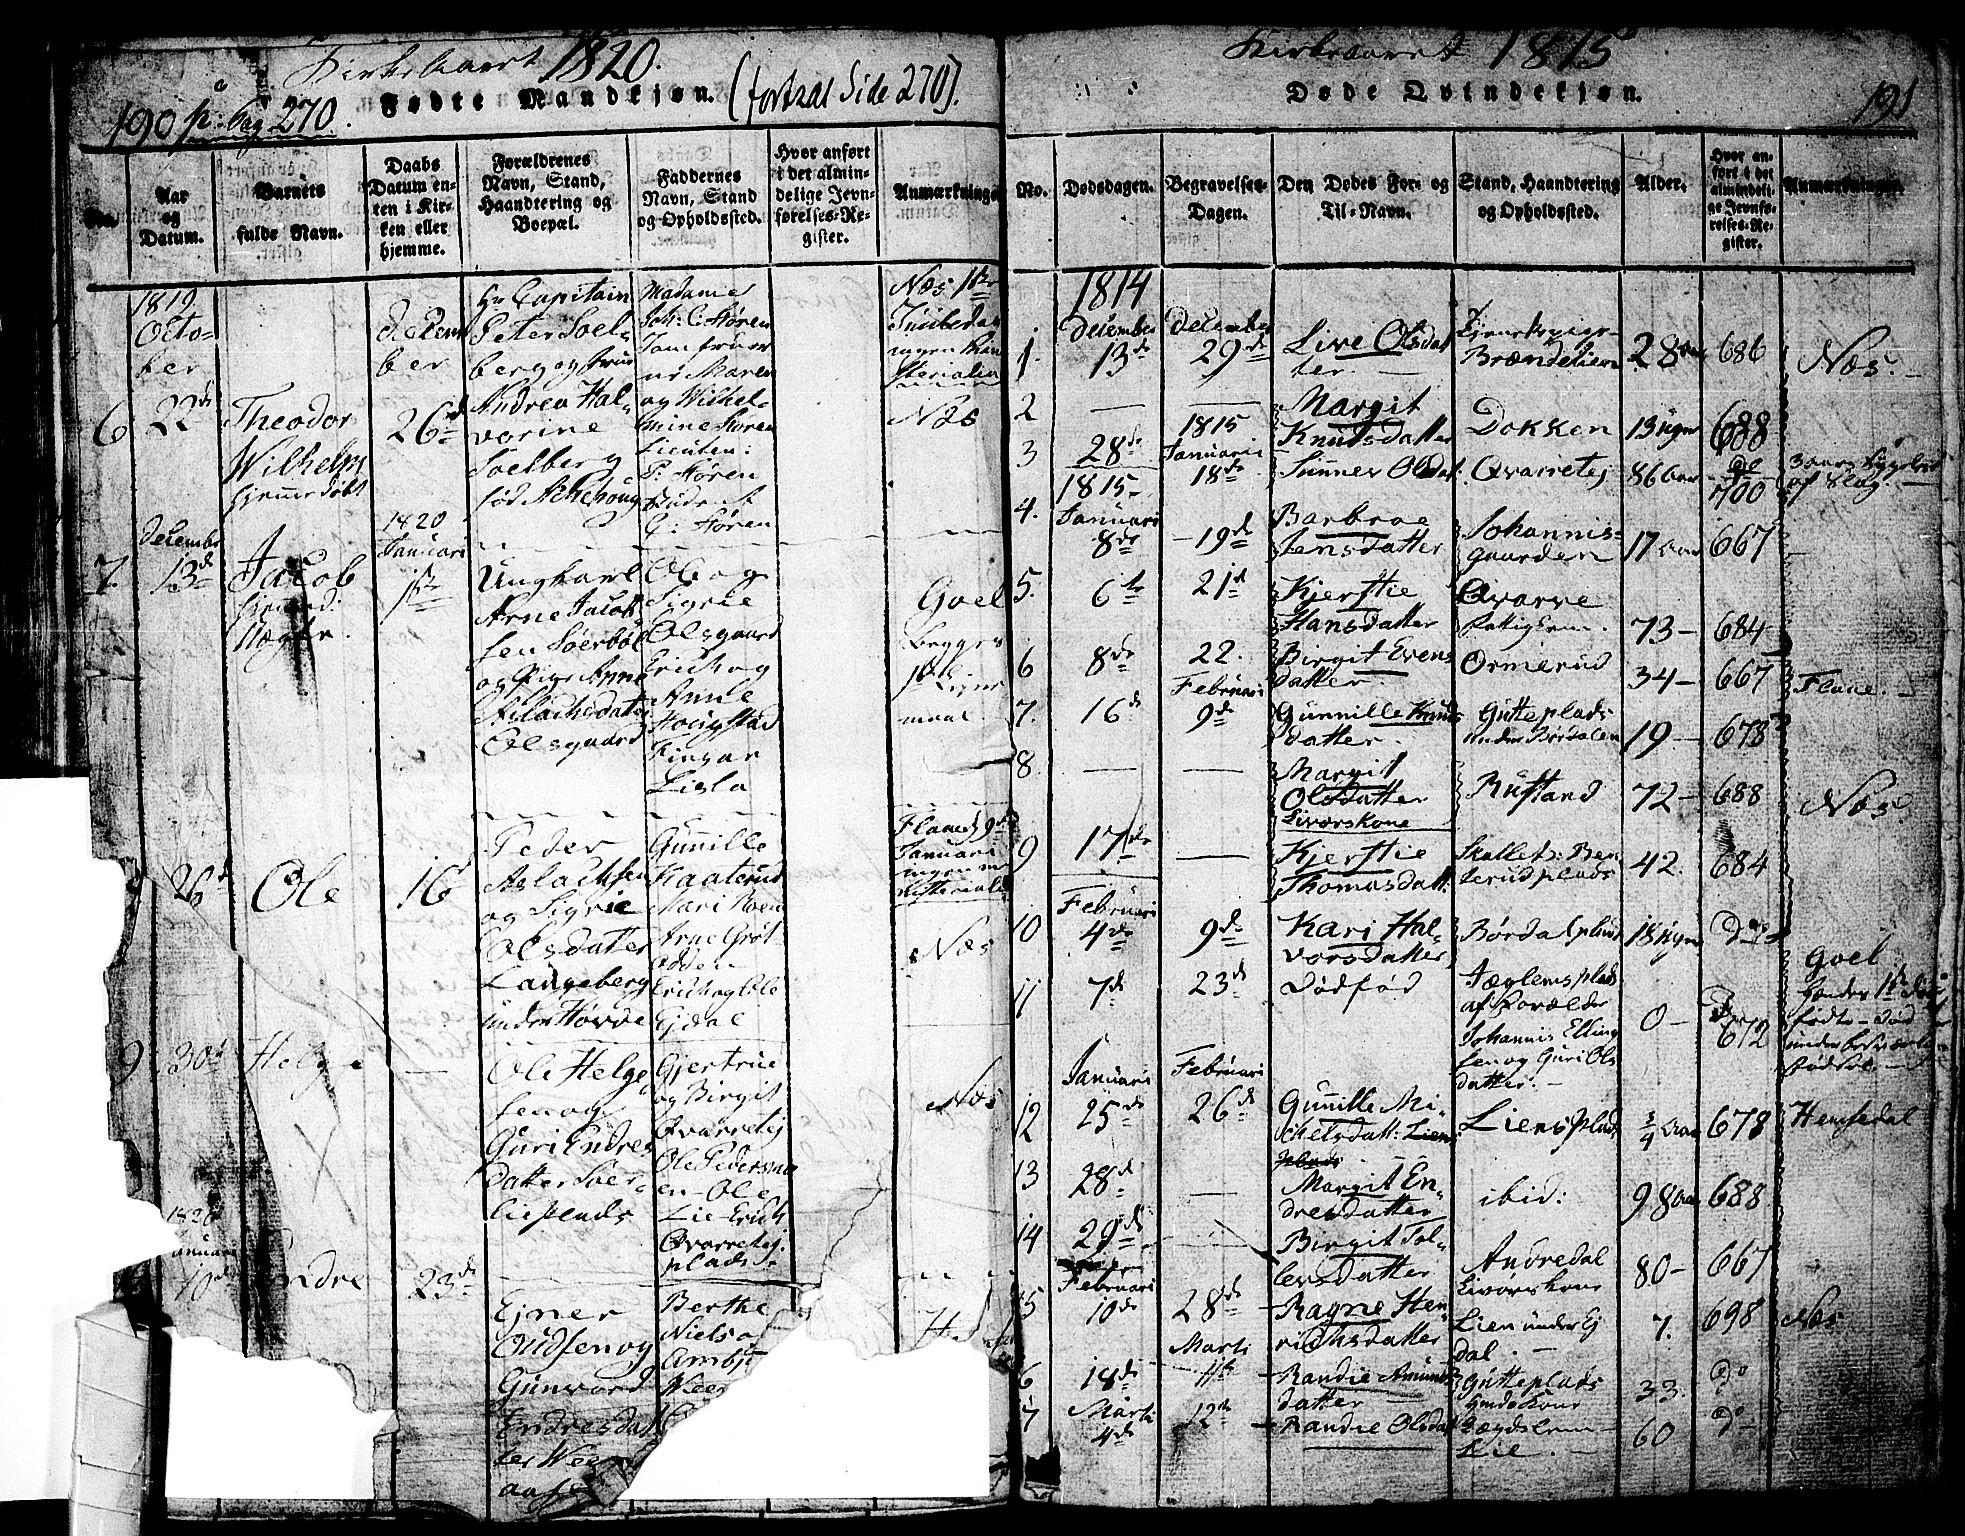 SAKO, Nes kirkebøker, F/Fa/L0007: Ministerialbok nr. 7, 1815-1823, s. 190-191